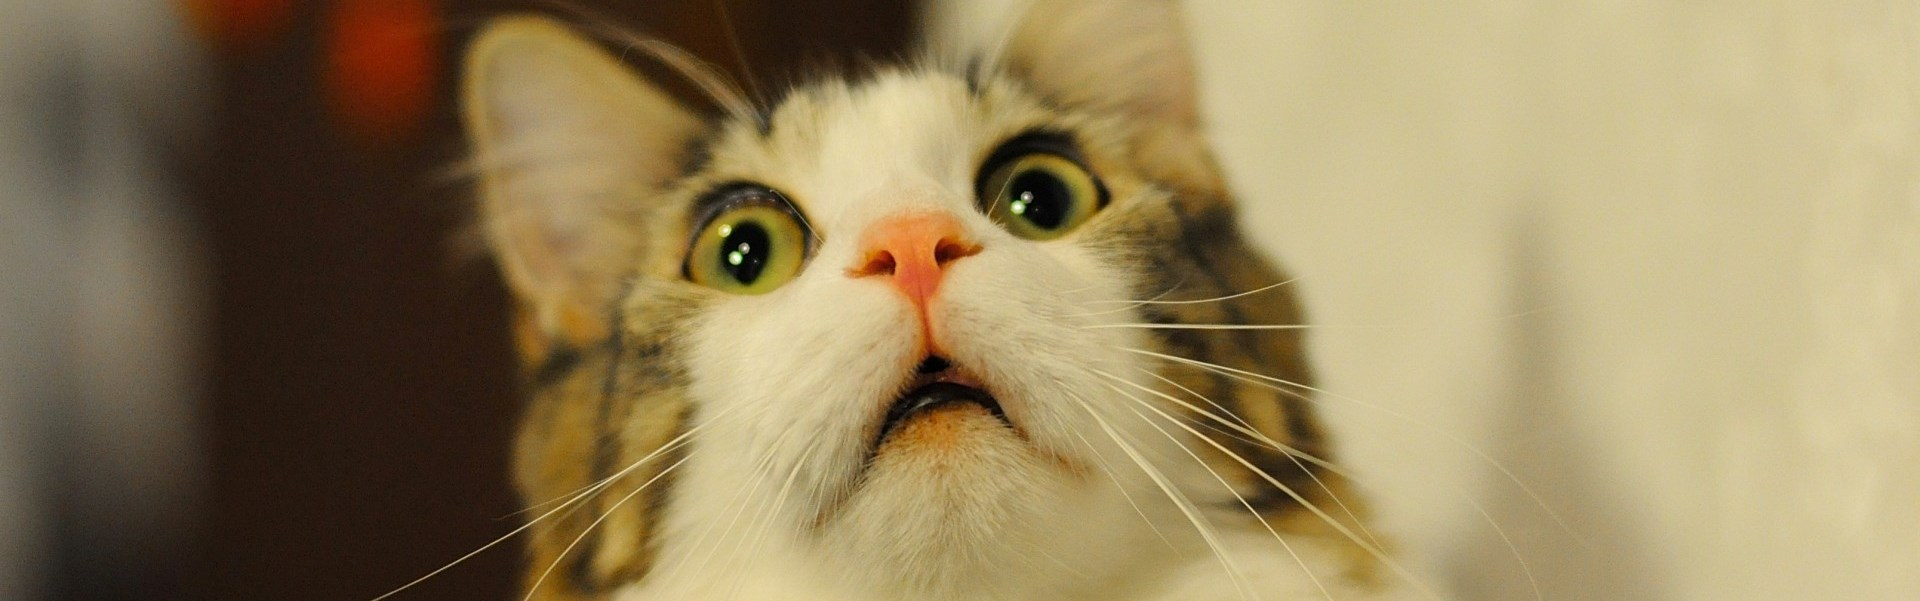 10 reacţii ale animalelor, atunci când vă iubiţi în faţa lor – Foto şi Video